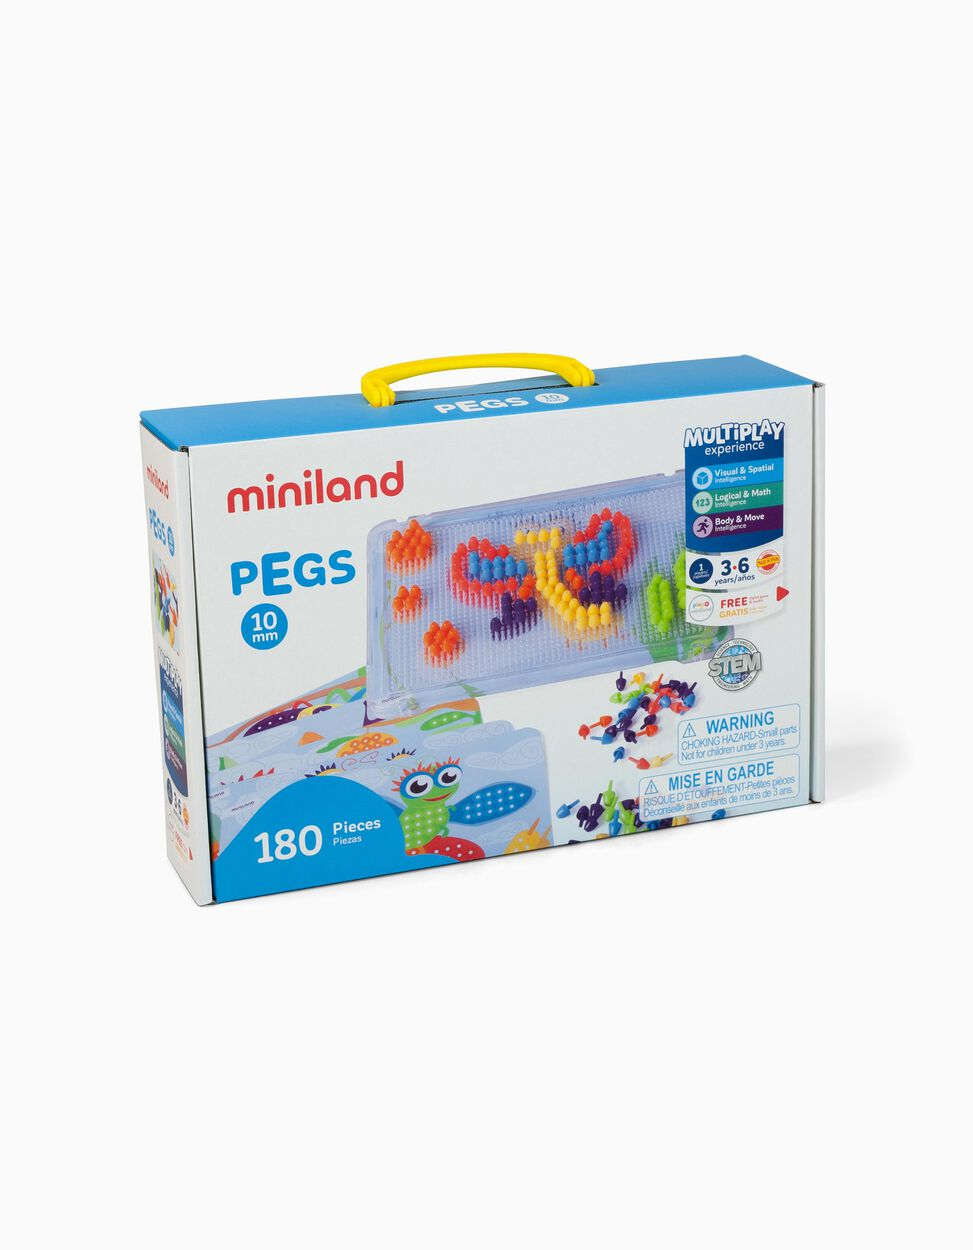 Pegs 10 Mm 36m+ Miniland 180 pçs